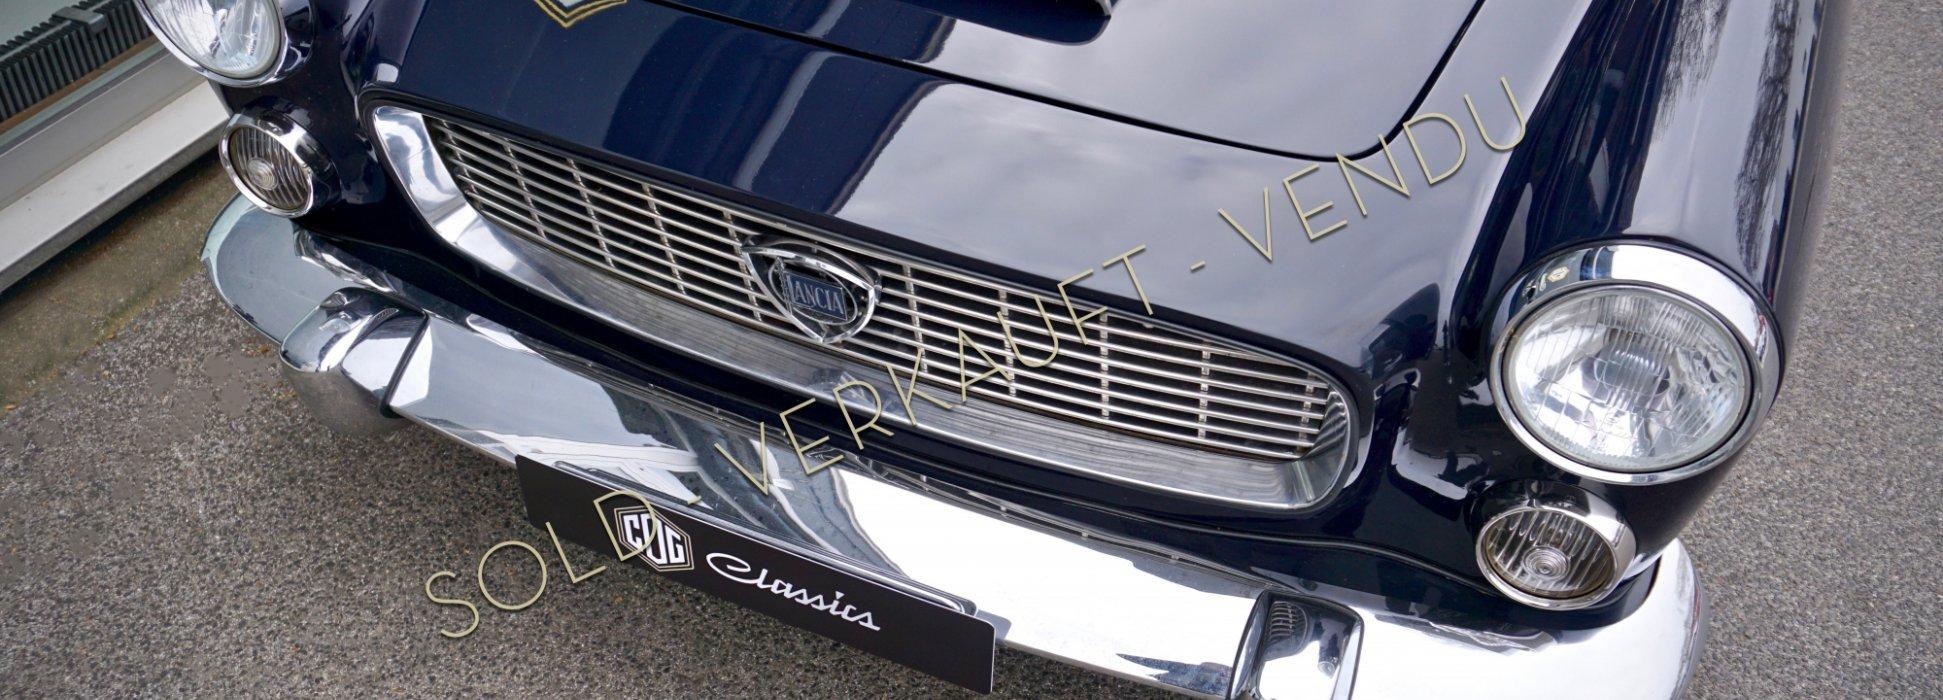 Lancia Flaminia 3B Coupé 1